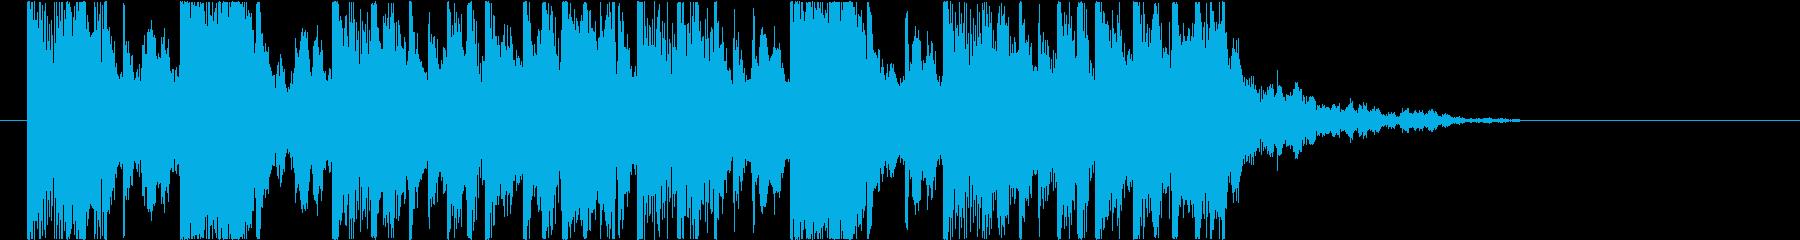 【南国効果音】のどがカラカラの再生済みの波形